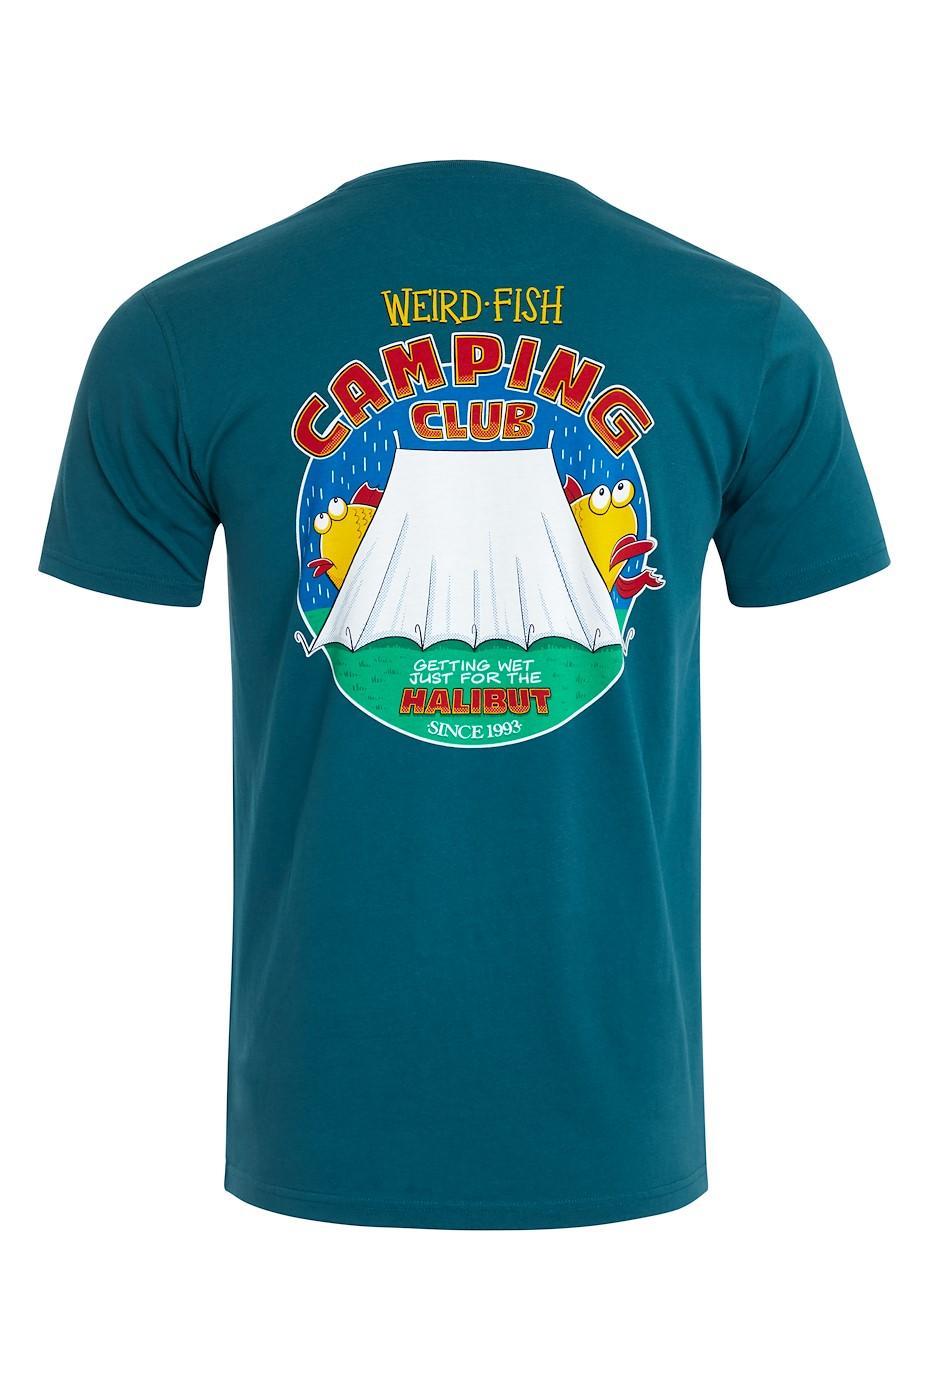 Weird Camping Organic Cotton Artist T-Shirt Petrol Blue